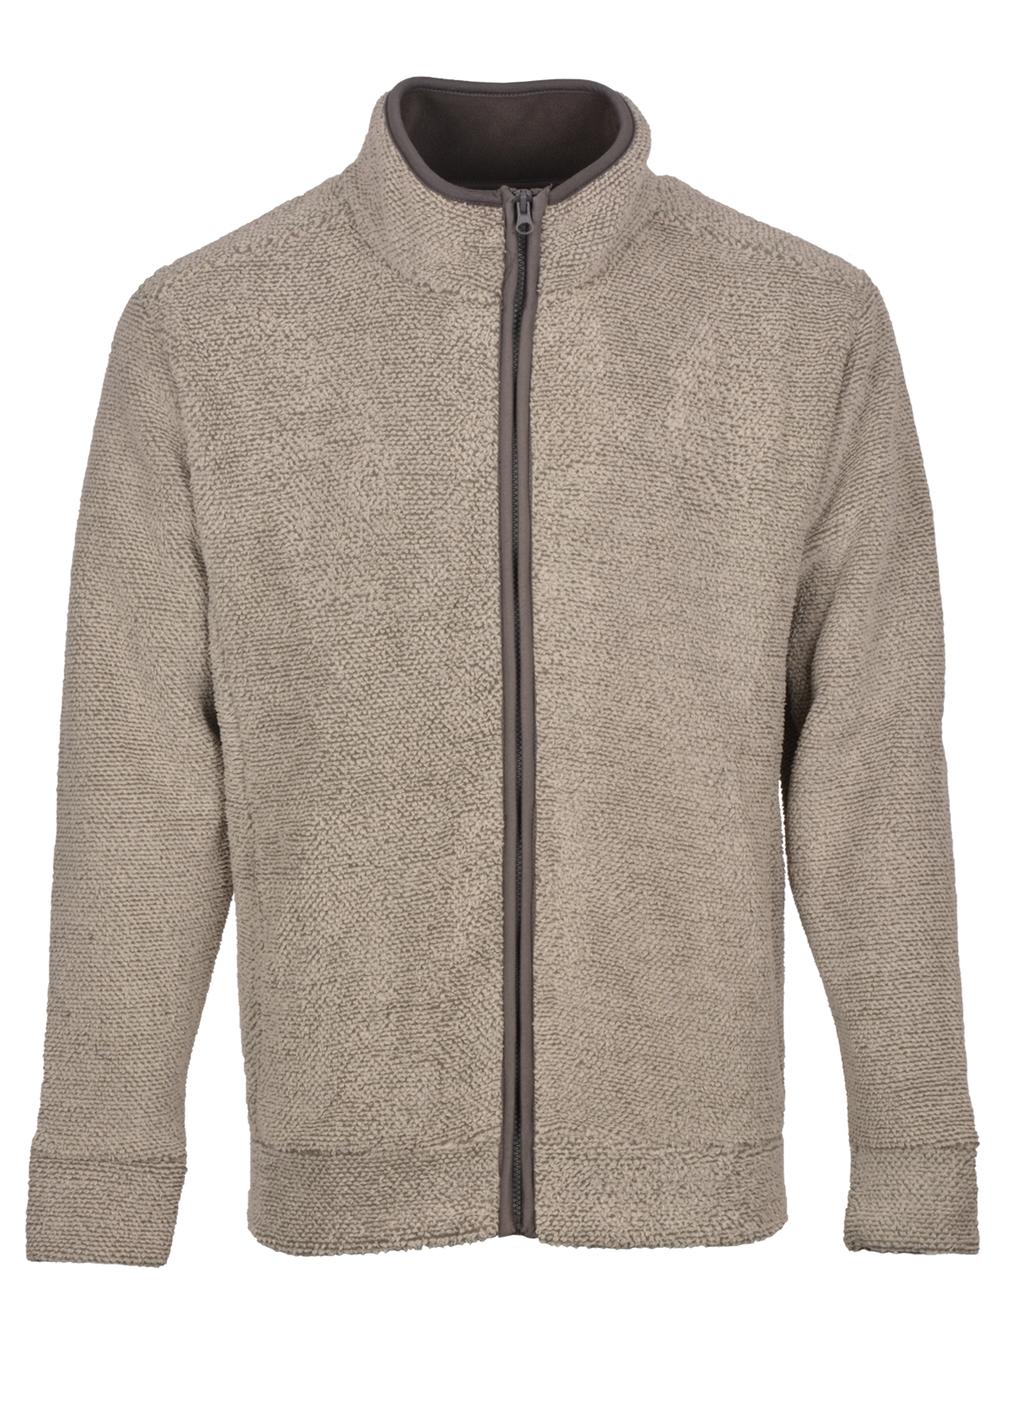 Kingston Fleece Jacket in Grey